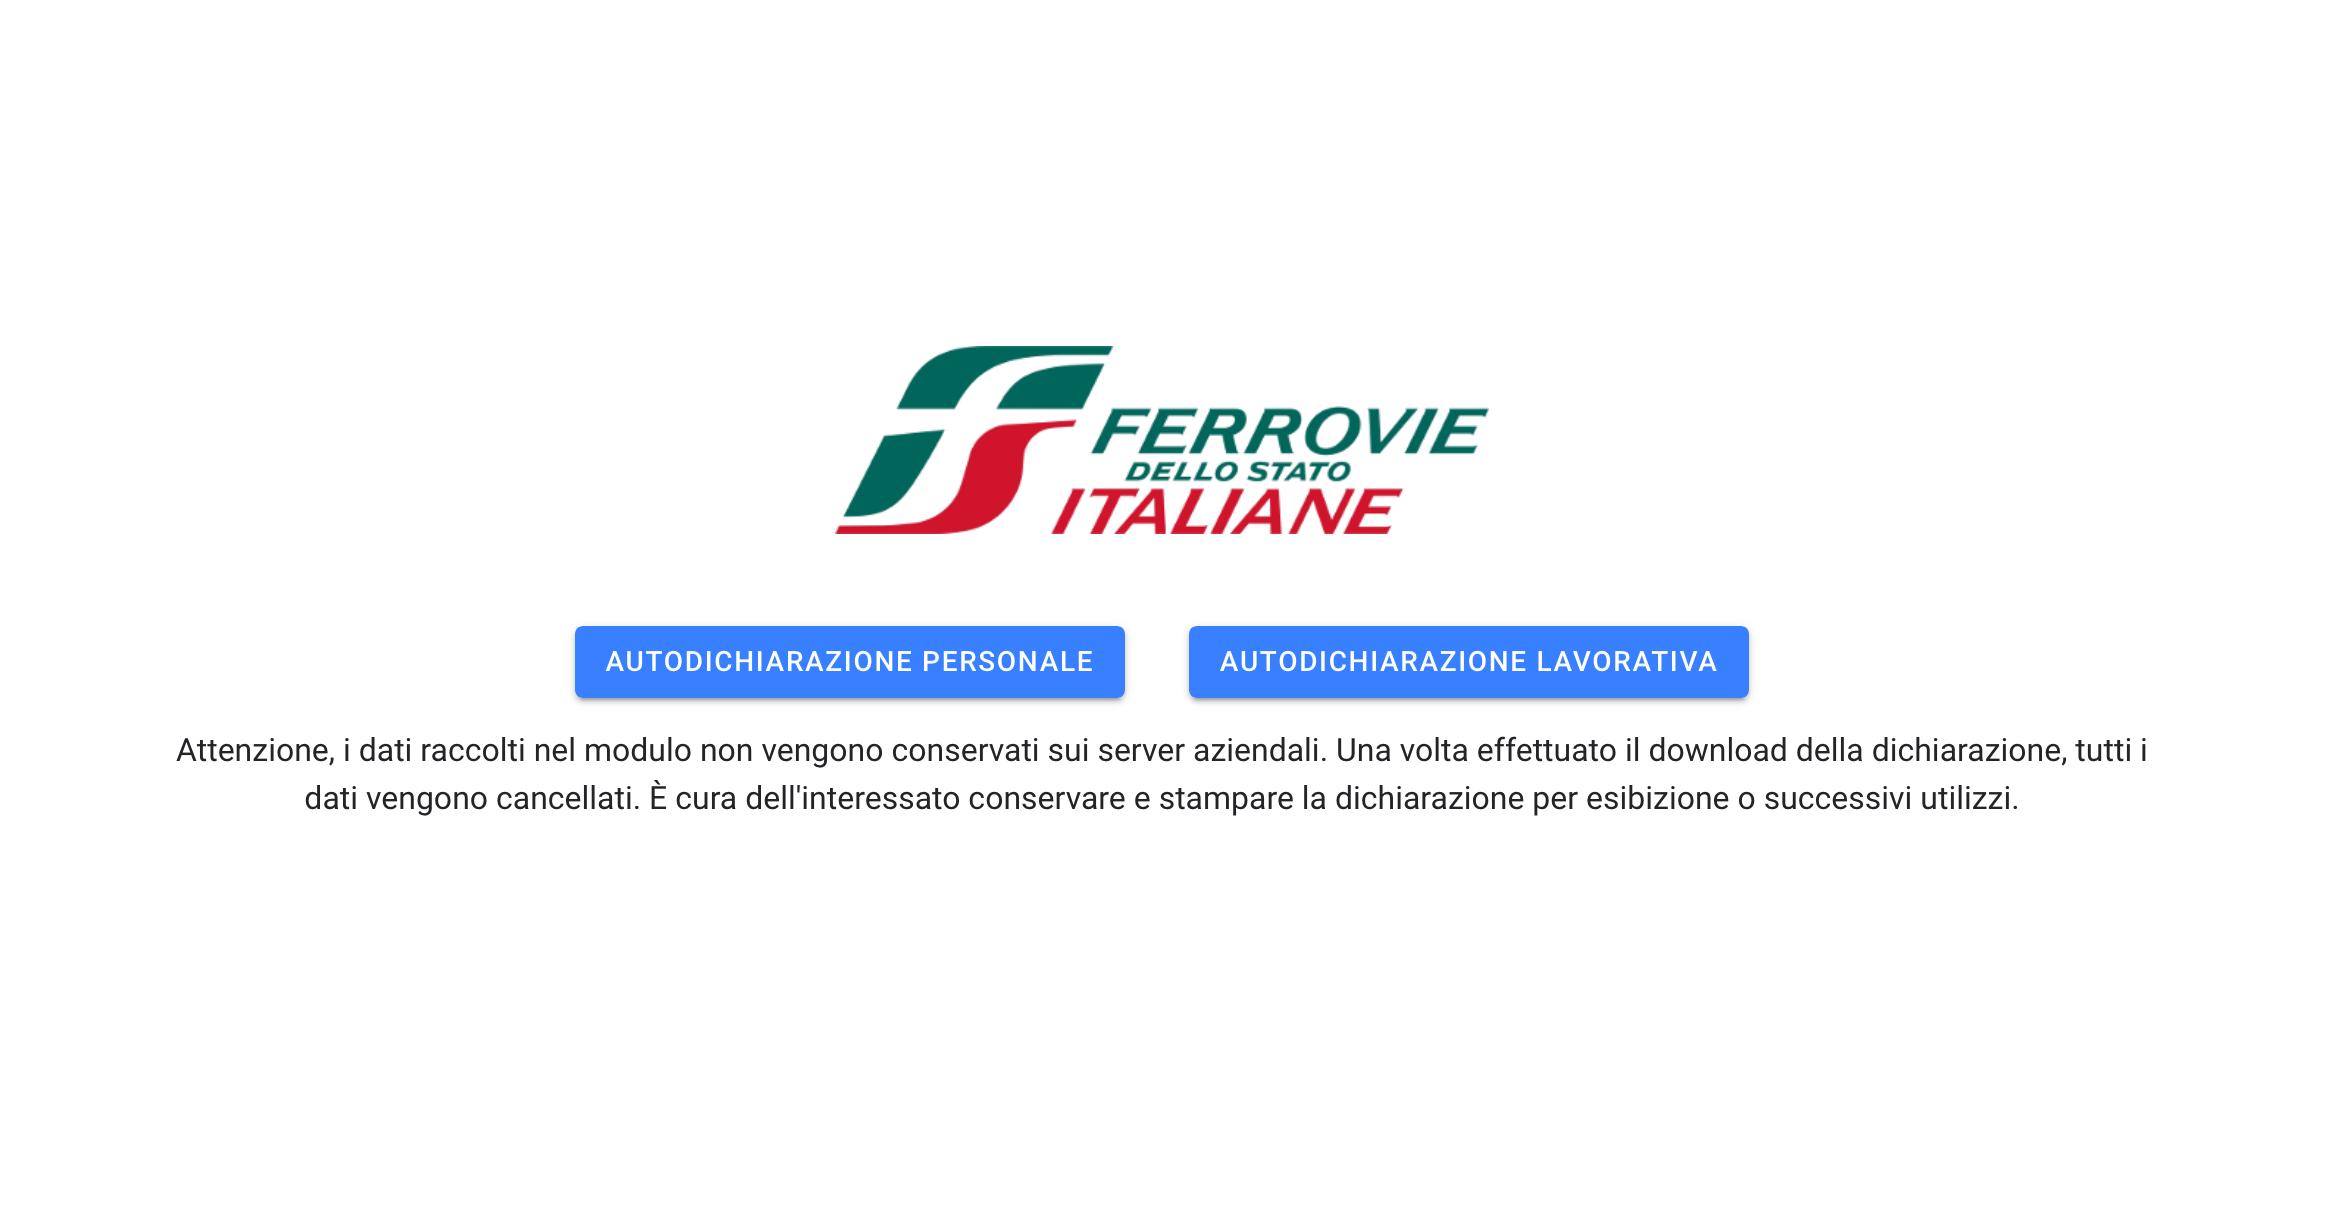 FSItaliane-coronoavirusautocertificazione